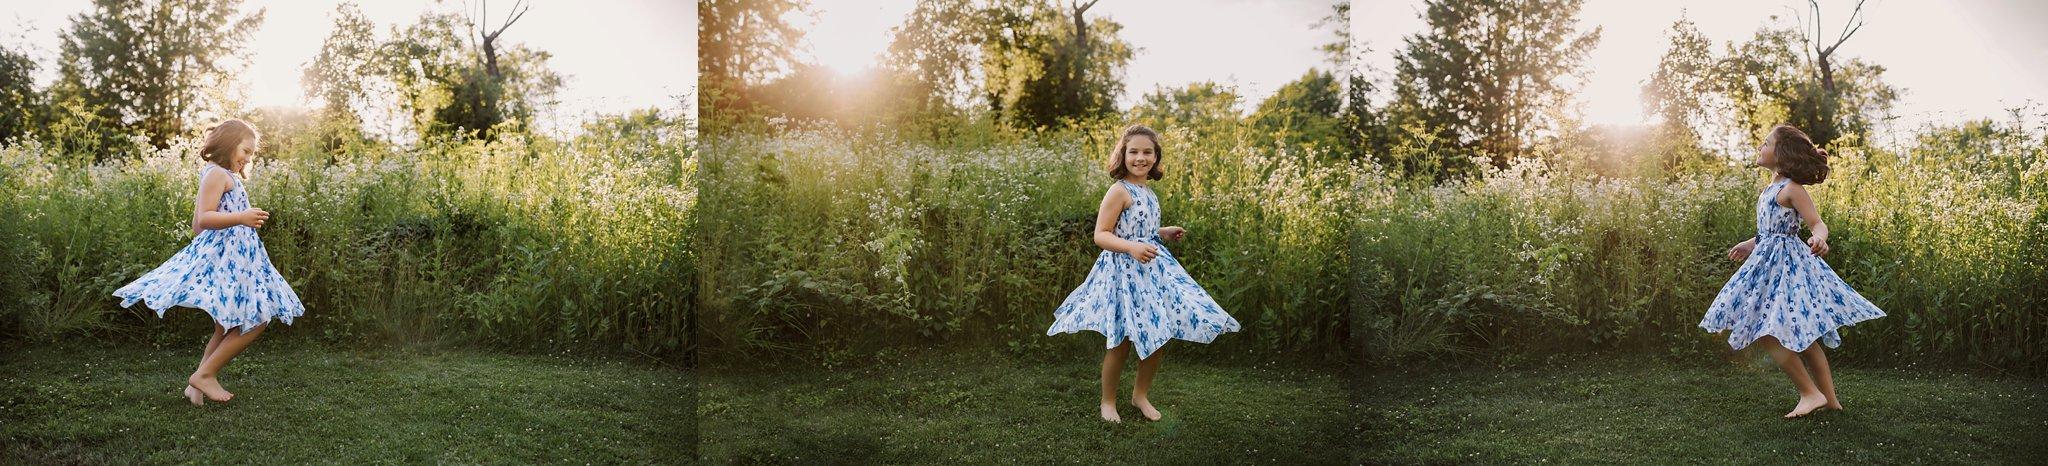 Langer_June_2018-296_Award_Winning_Boston_Massachusetts_Family_Portrait_Photographer_Asher_and_Oak_Photography.jpg